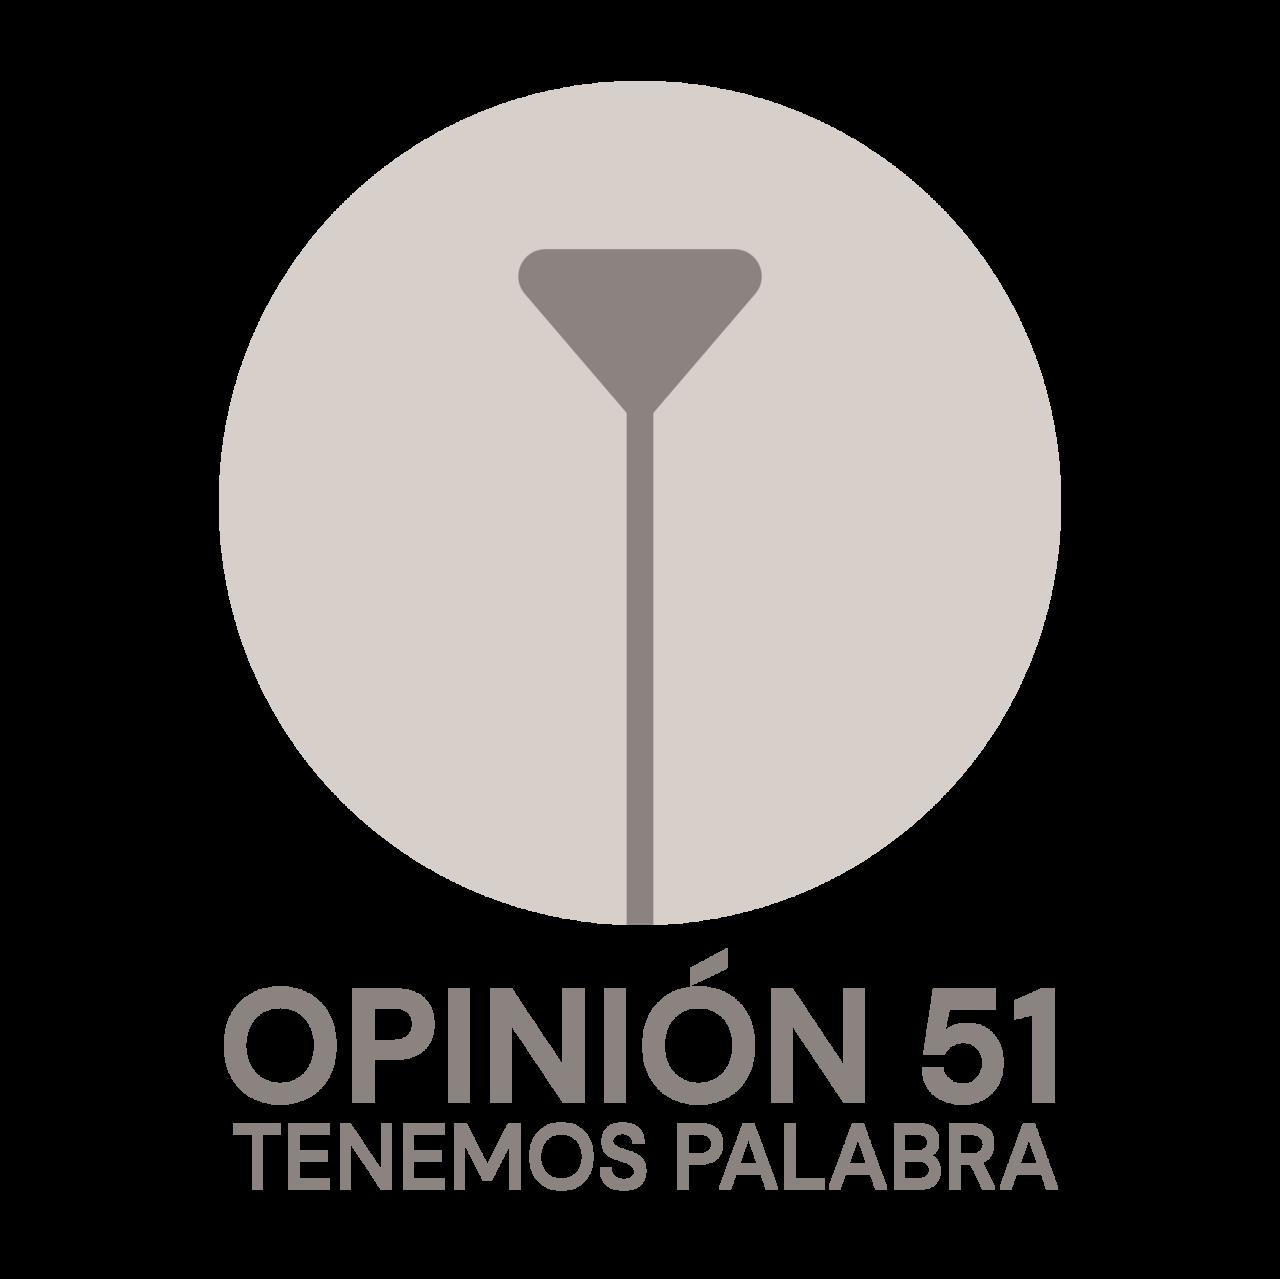 Opinión 51